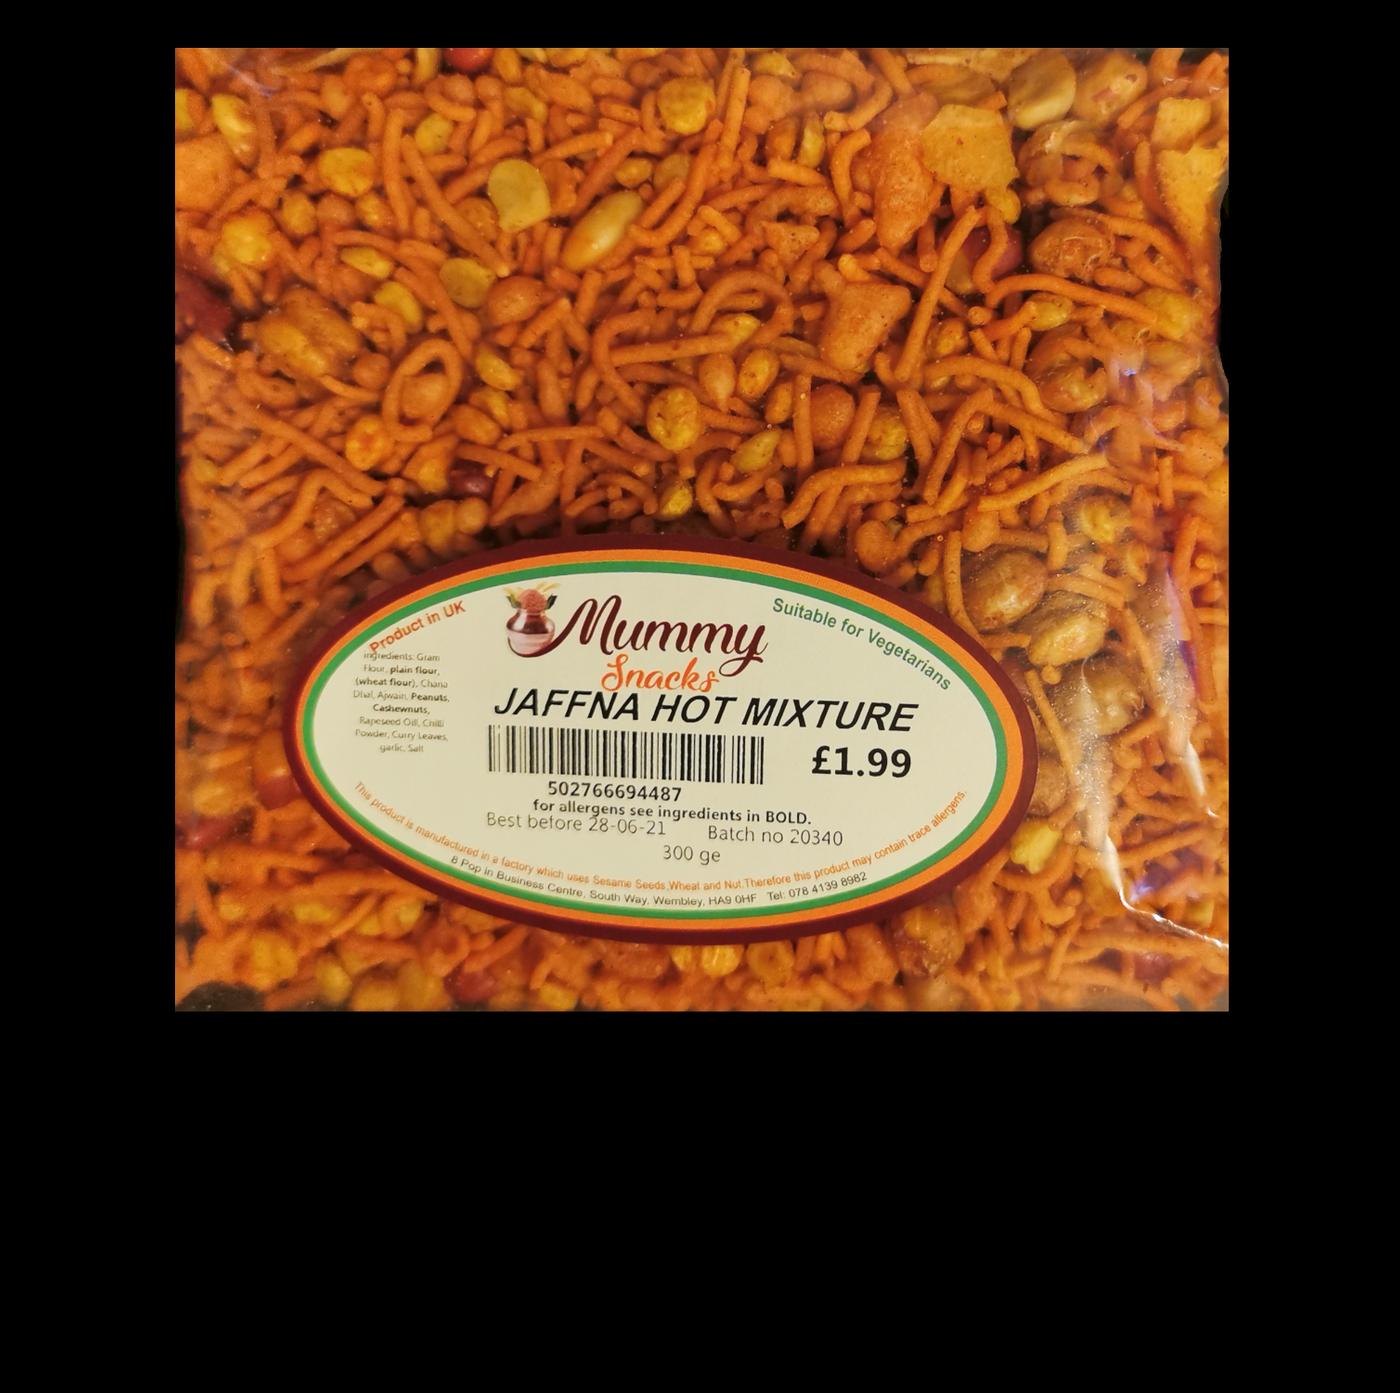 Mummy Snaks Jaffna Hot Mixture (Vegetarian)